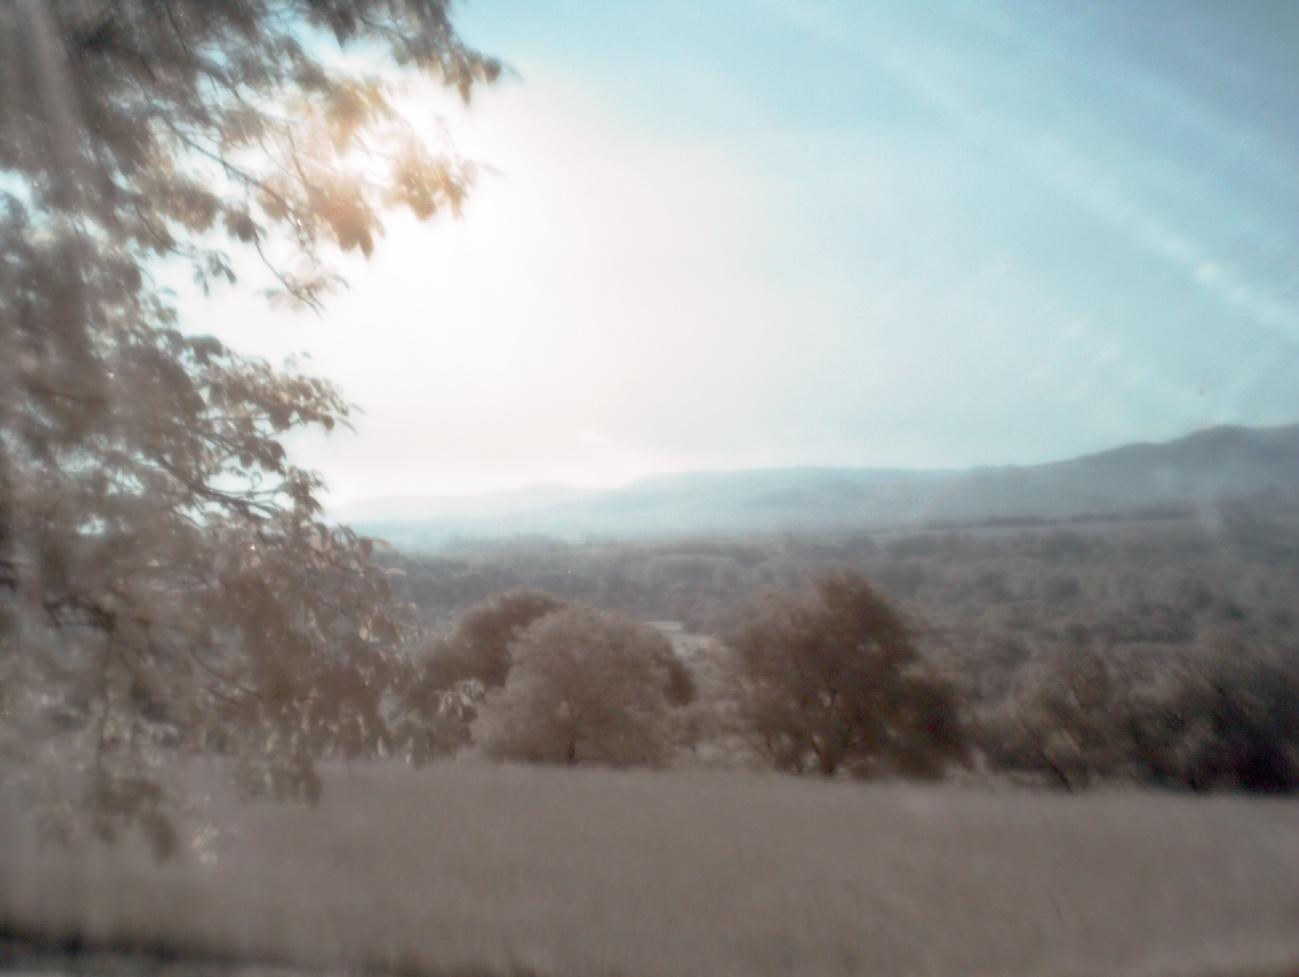 Bilder des Tages #103 — Morgeneindrücke mit dem infraroten Kollimator